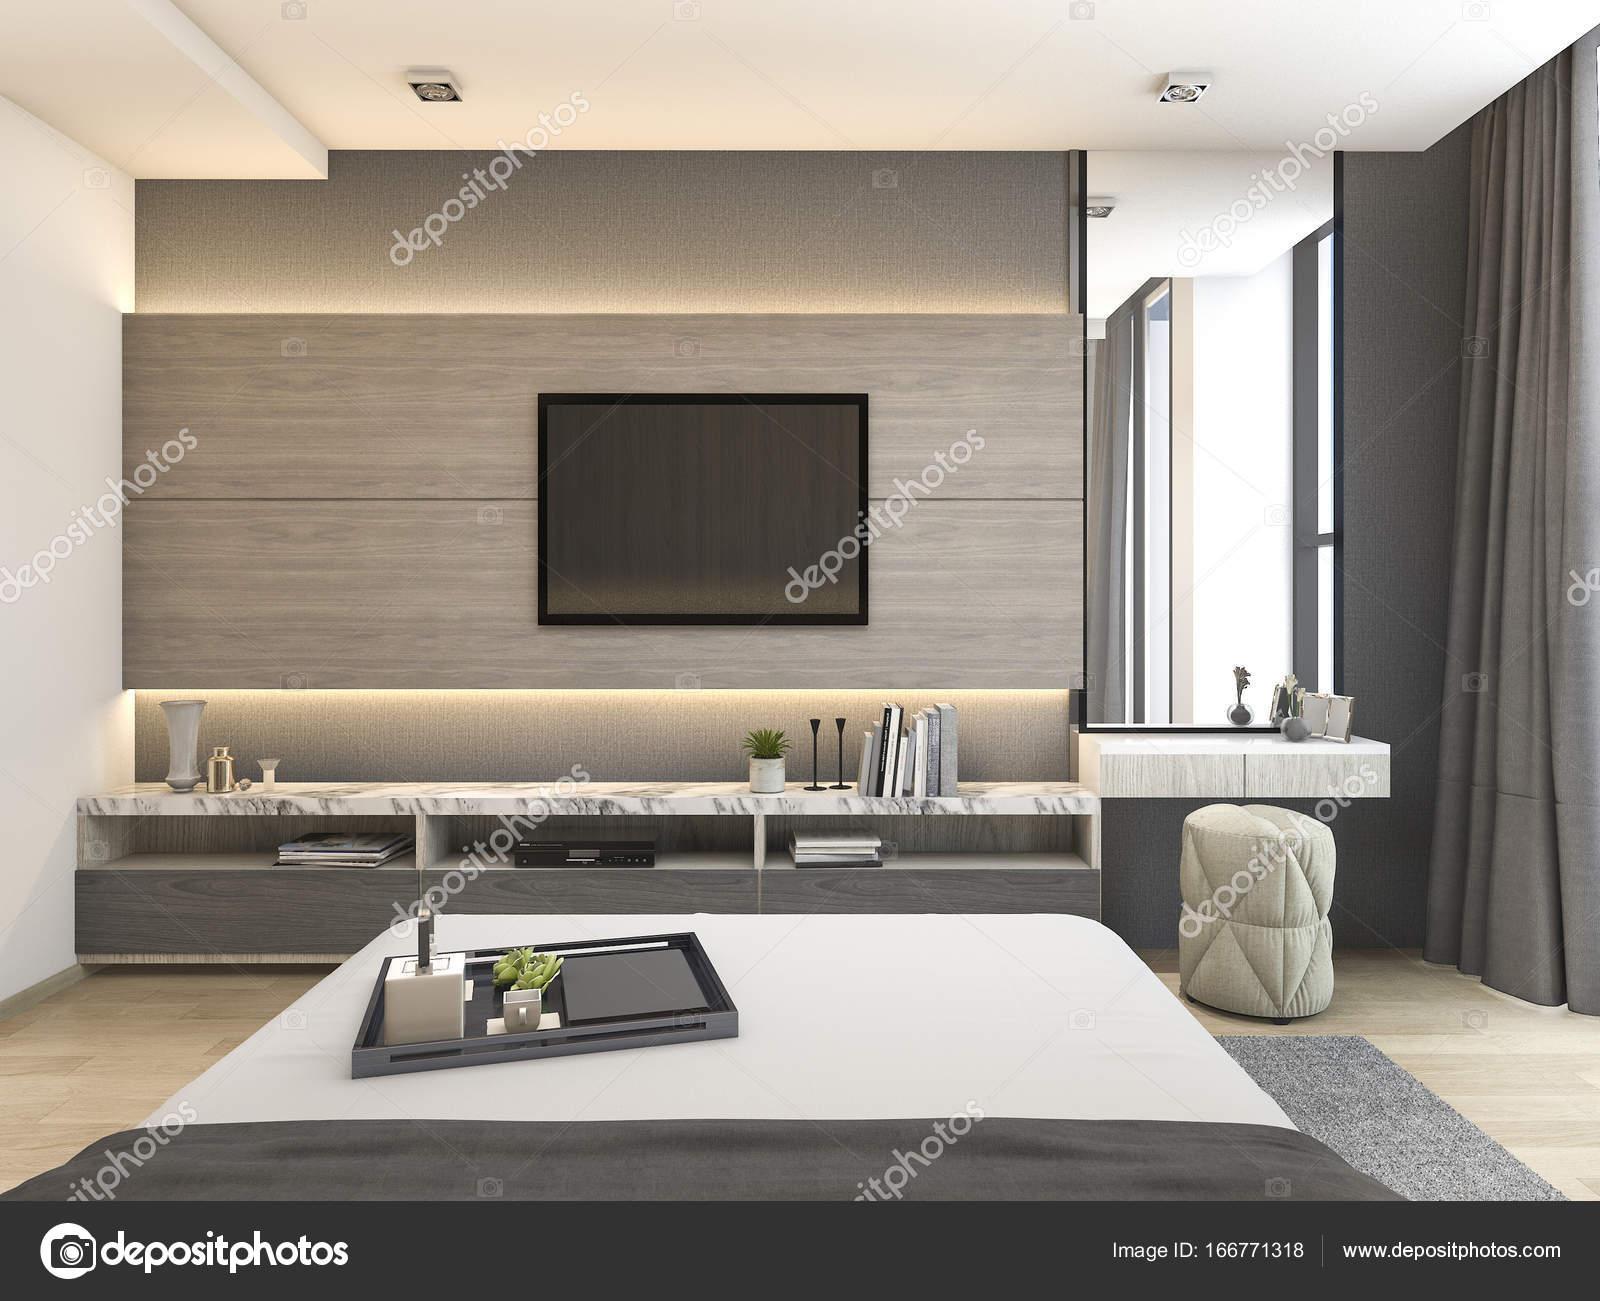 Immagini Camere Da Letto Con Cabina Armadio.Suite Camera Da Letto Moderna Di Lusso Rendering 3d In Hotel Con